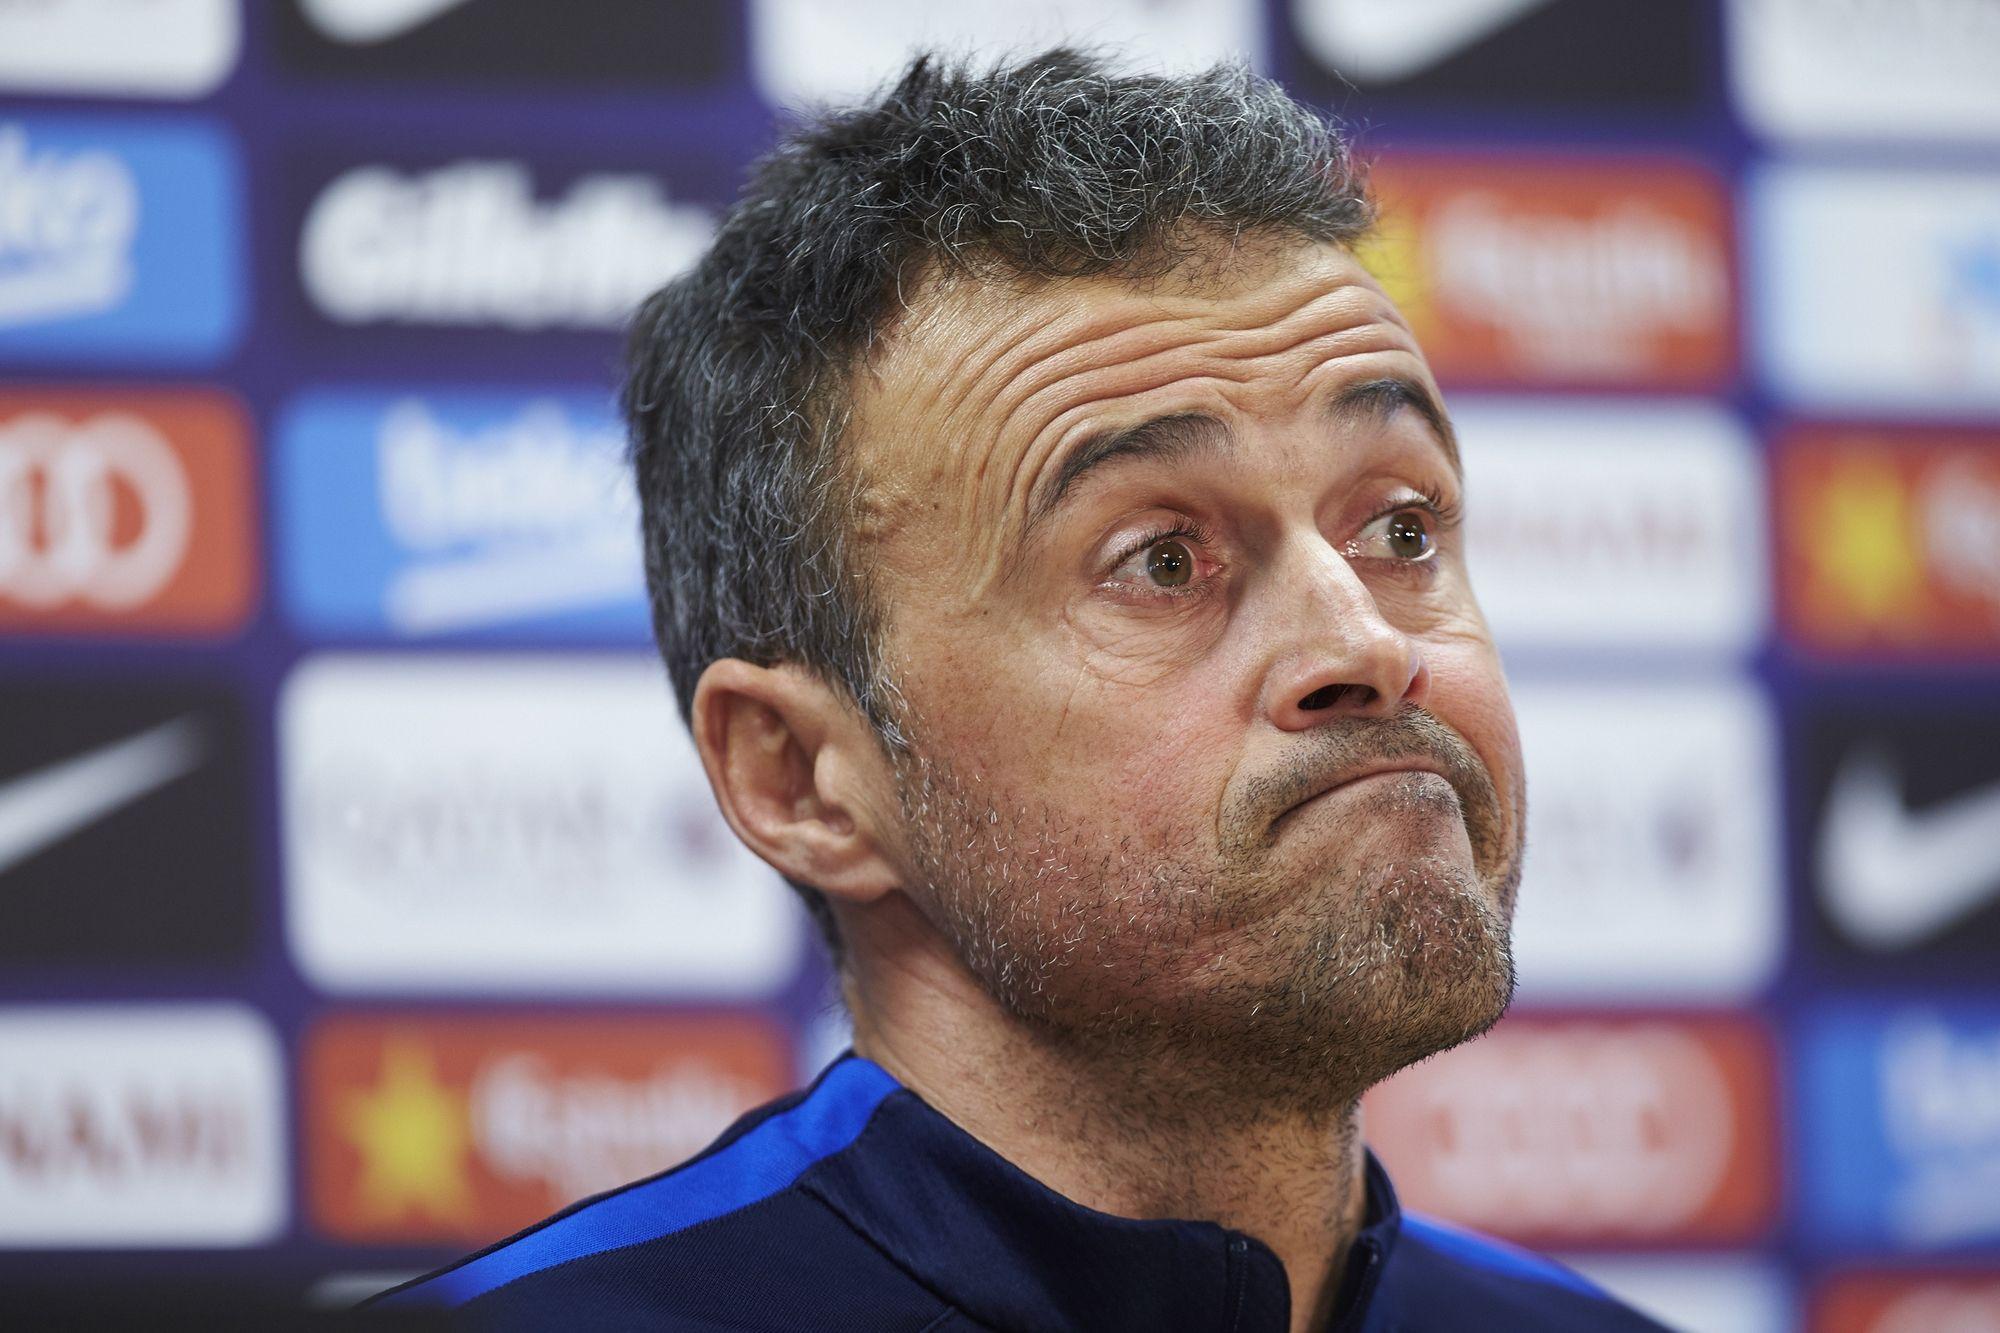 Clima entre Luis Enrique e jogadores do Barcelona não é bom, diz jornal #globoesporte